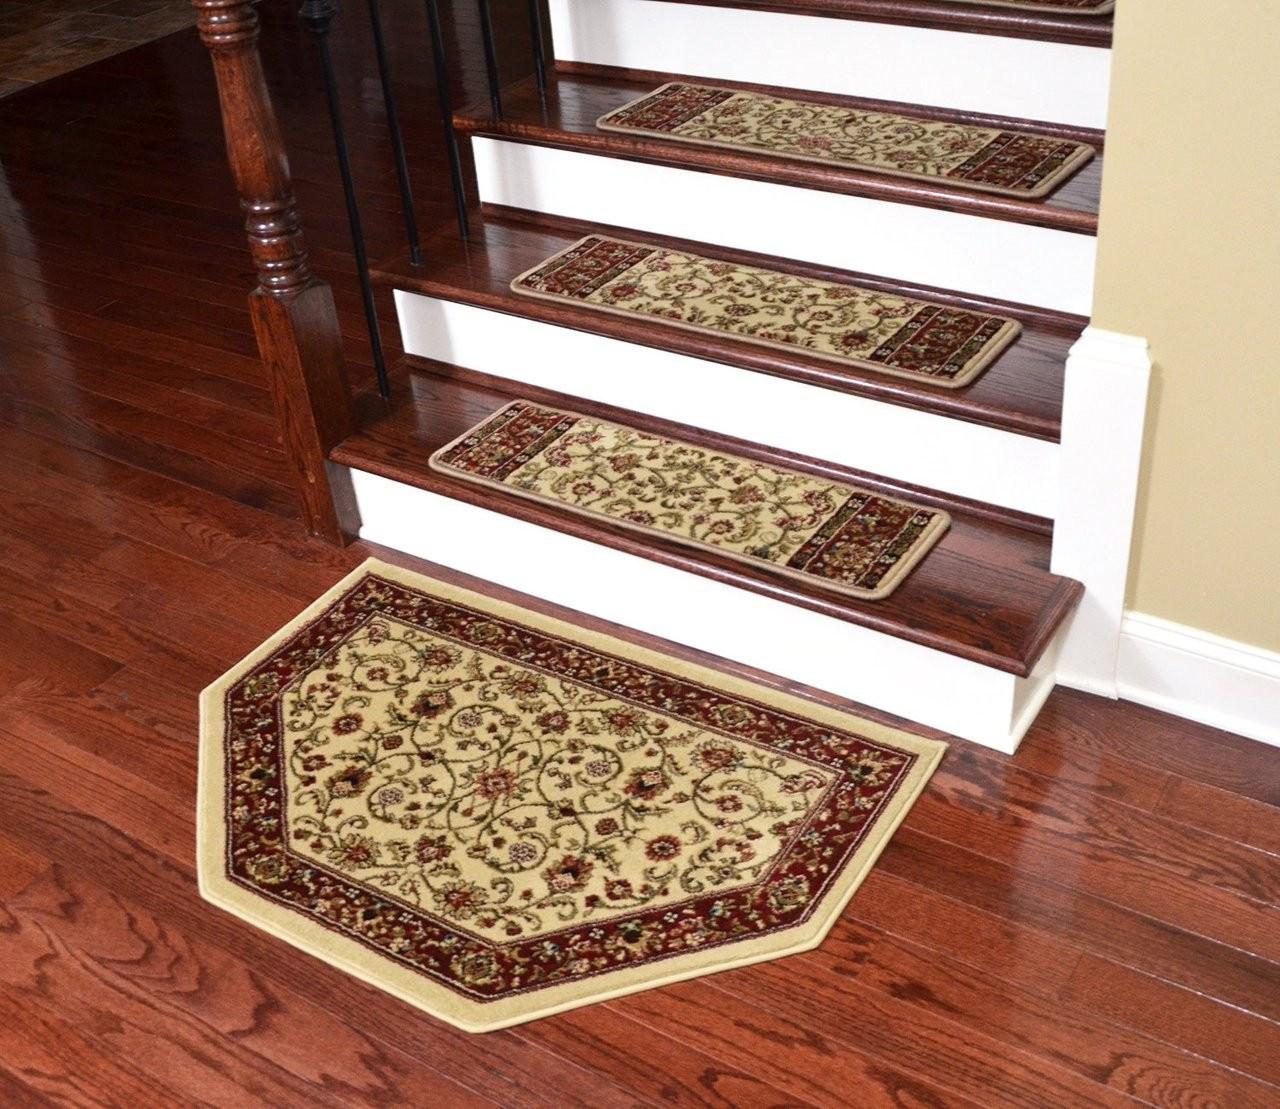 Dean Non Slip Pet Friendly Carpet Stair Step Cover Treads | Dean Carpet Stair Treads | Pet Friendly | Gripper Tape | Friendly Diy | Rug | Modern Diy